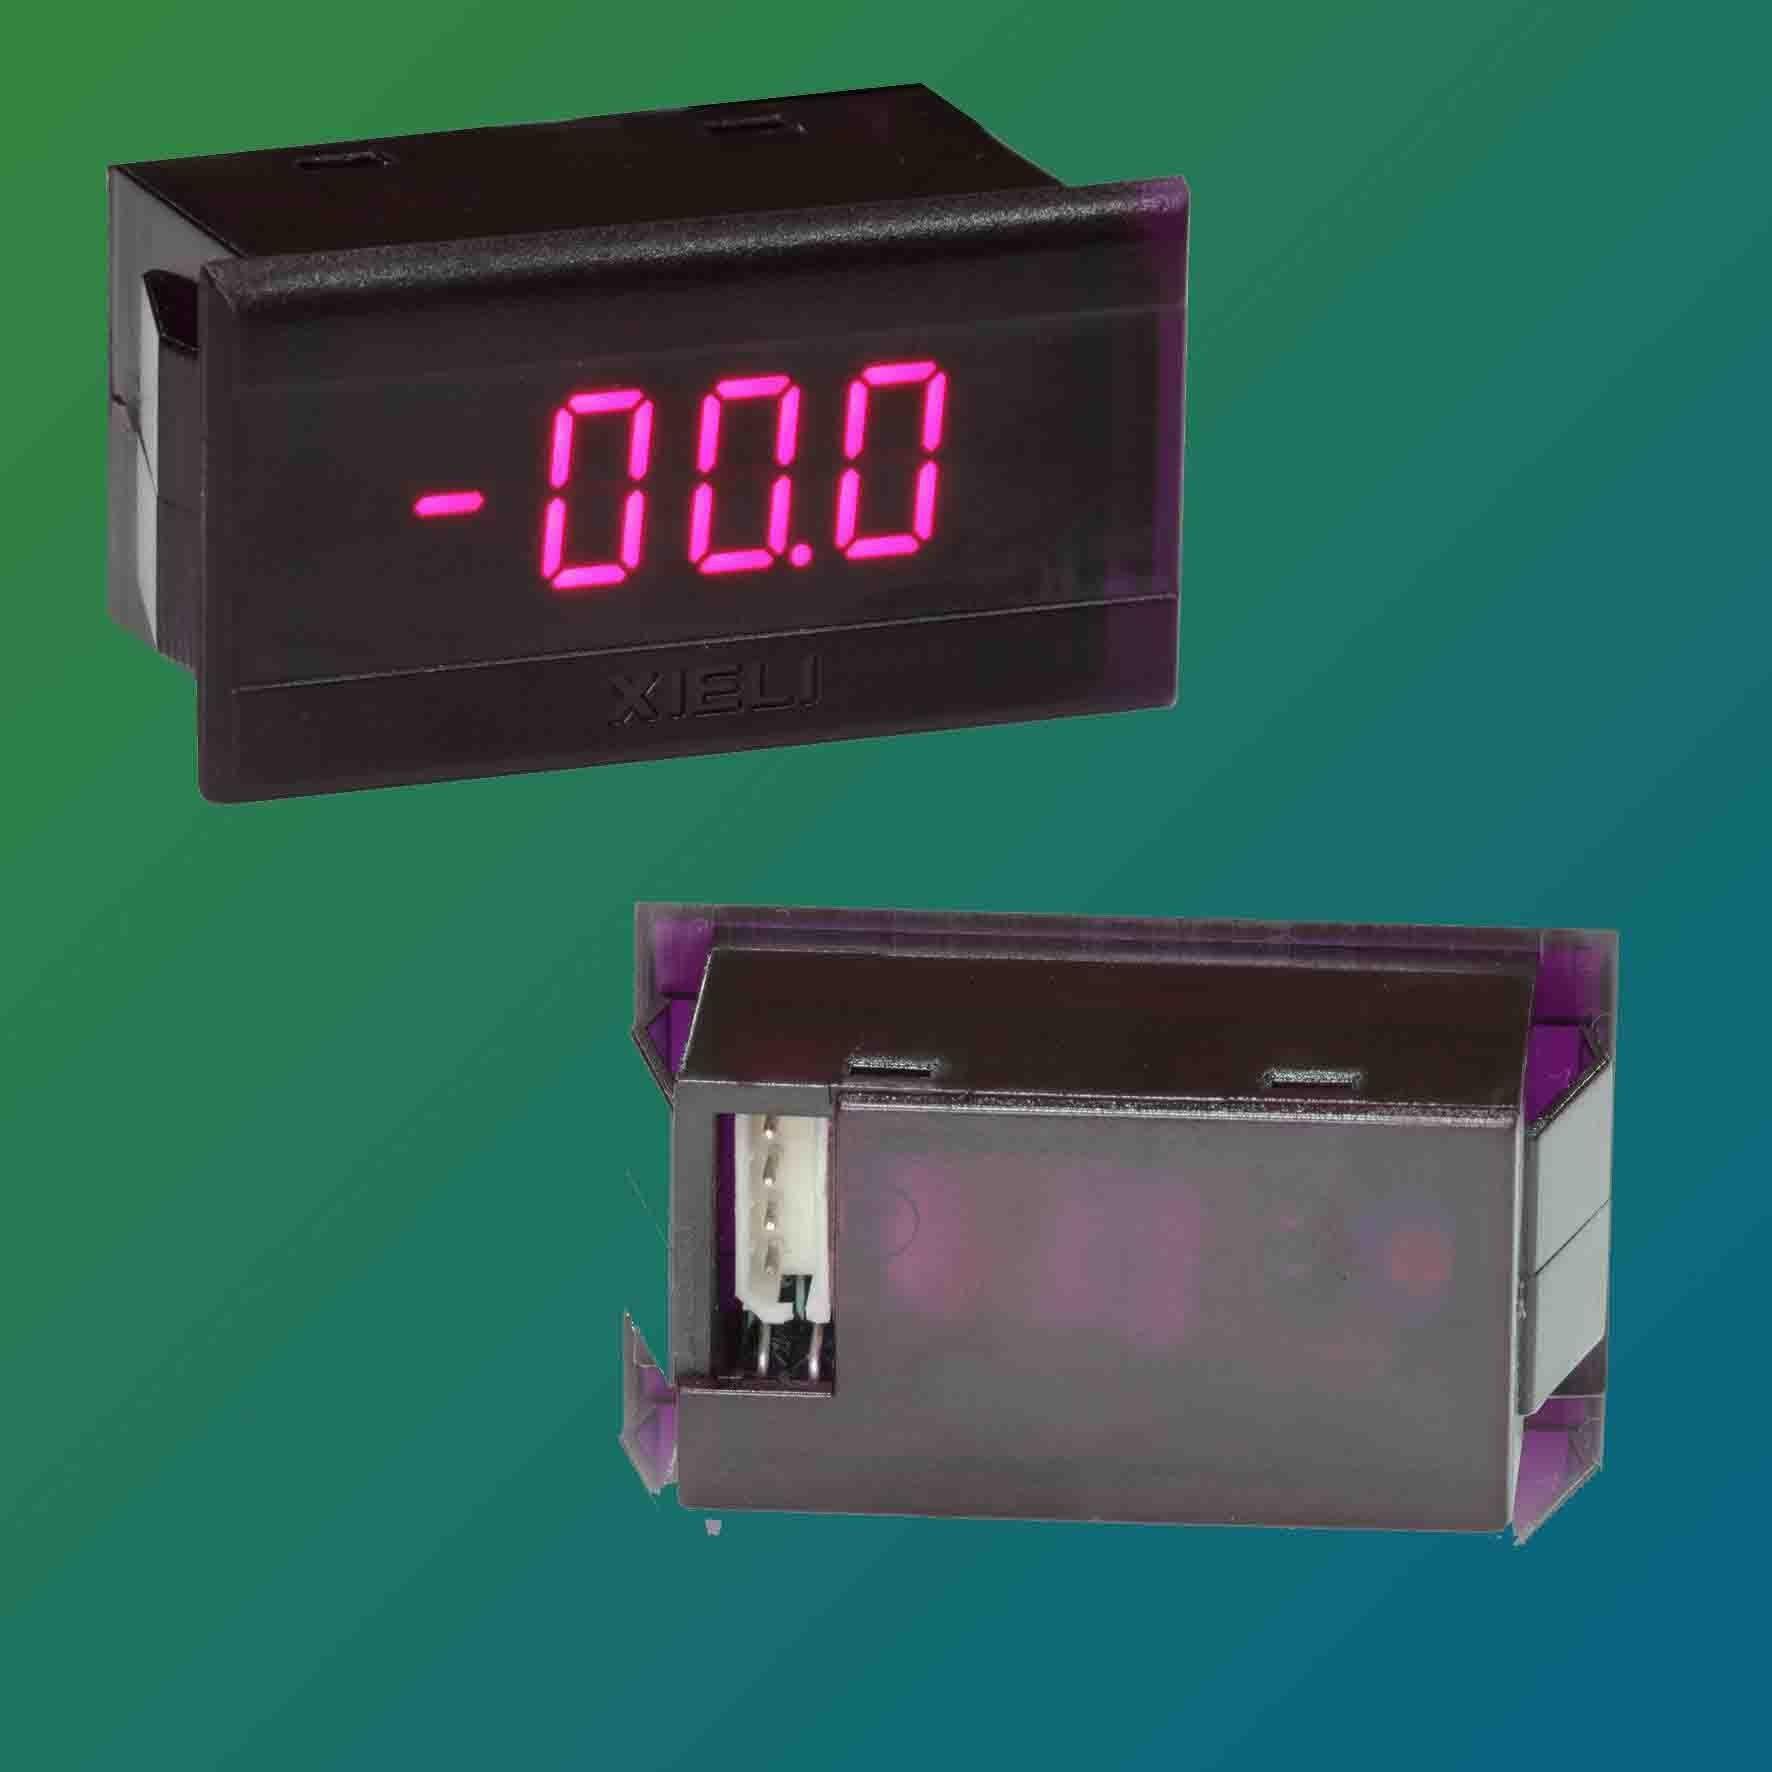 Dc Current Meter : China dc current meter xl v mv